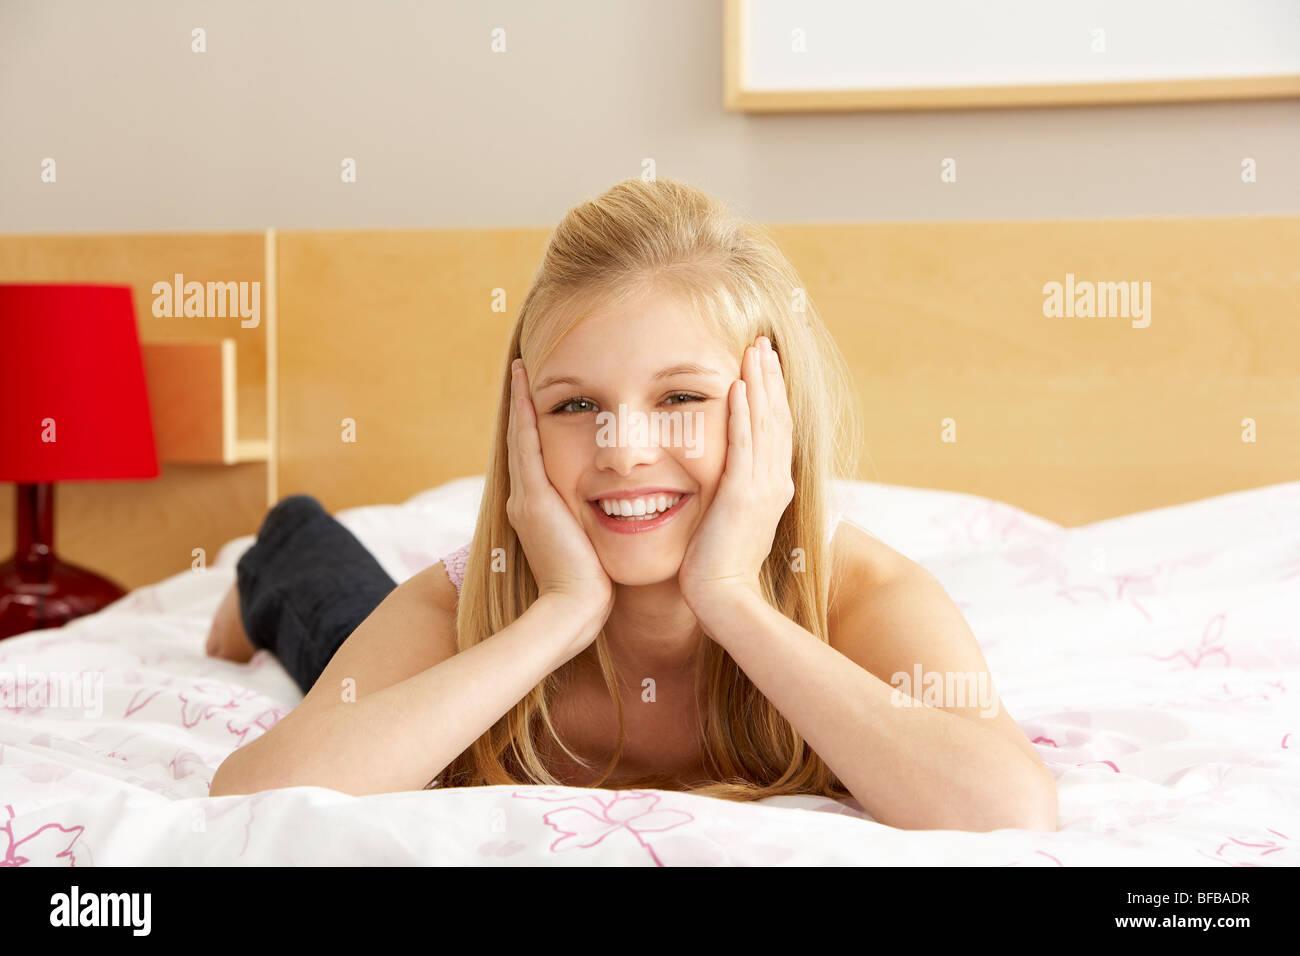 Portrait Of Teenage Girl In Bedroom - Stock Image